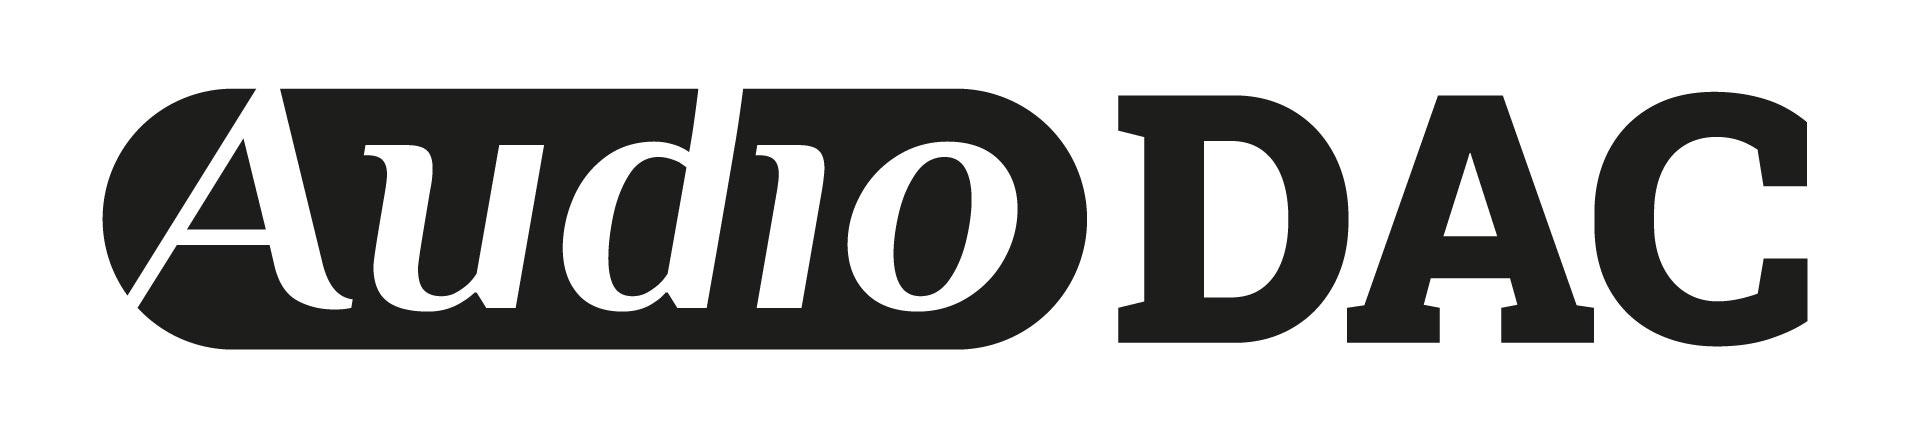 Audio DAC